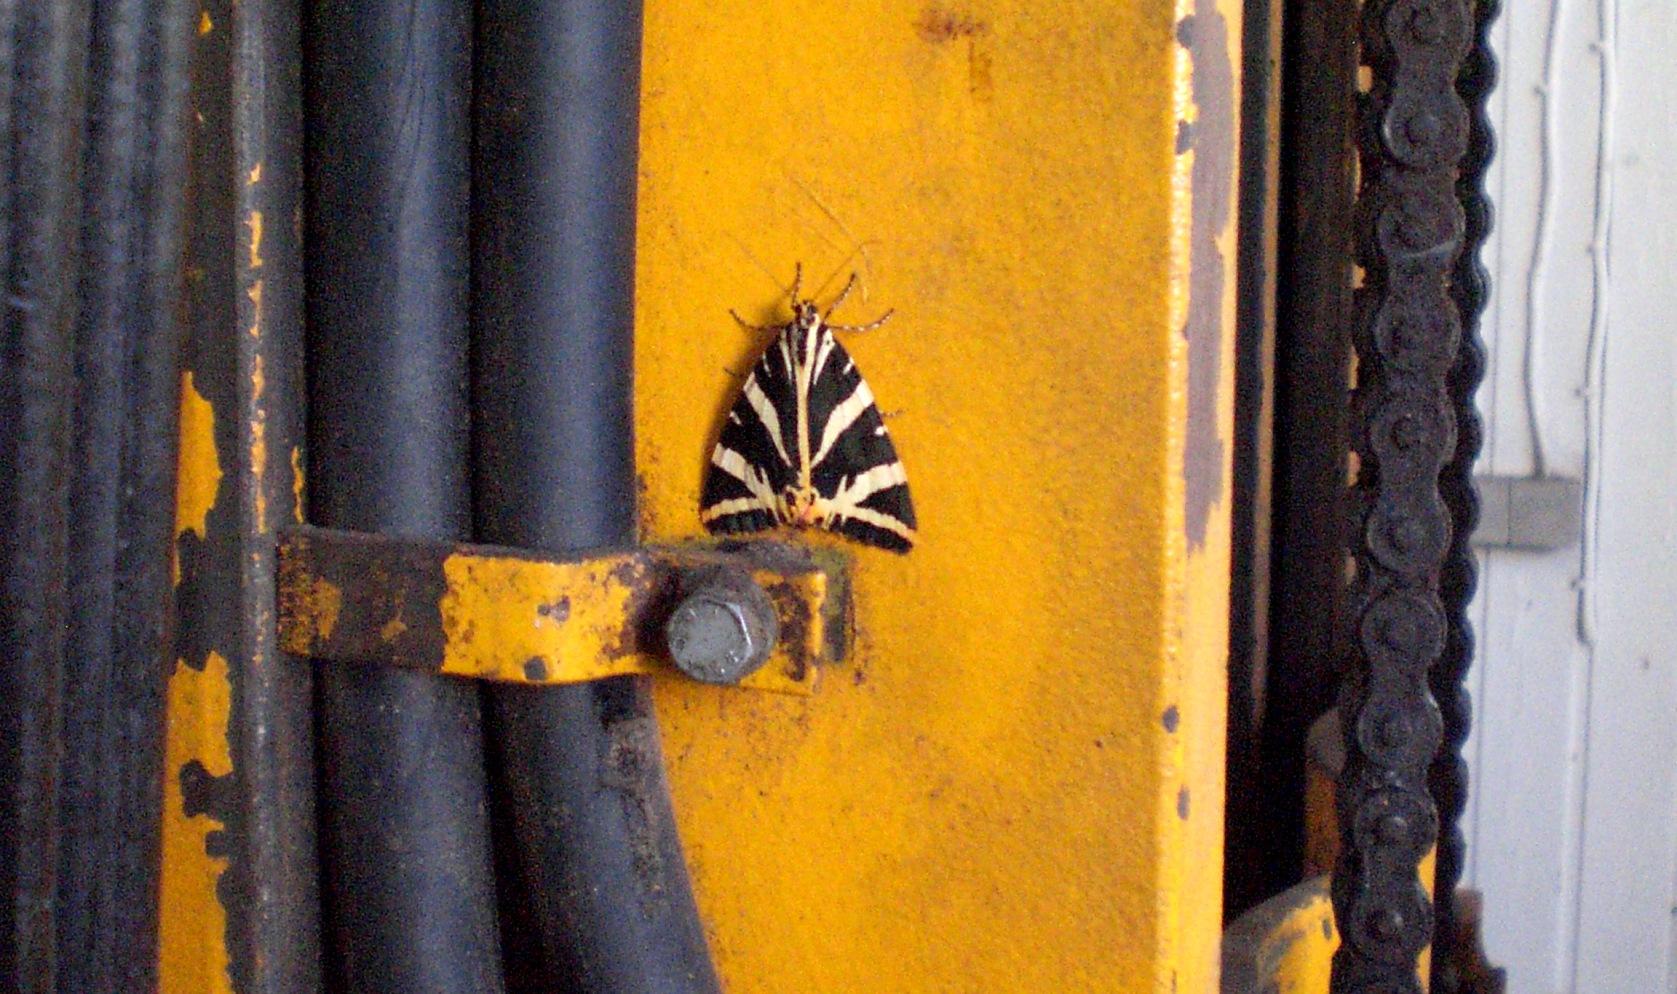 Insektoide Lebensform auf technischem Gerät